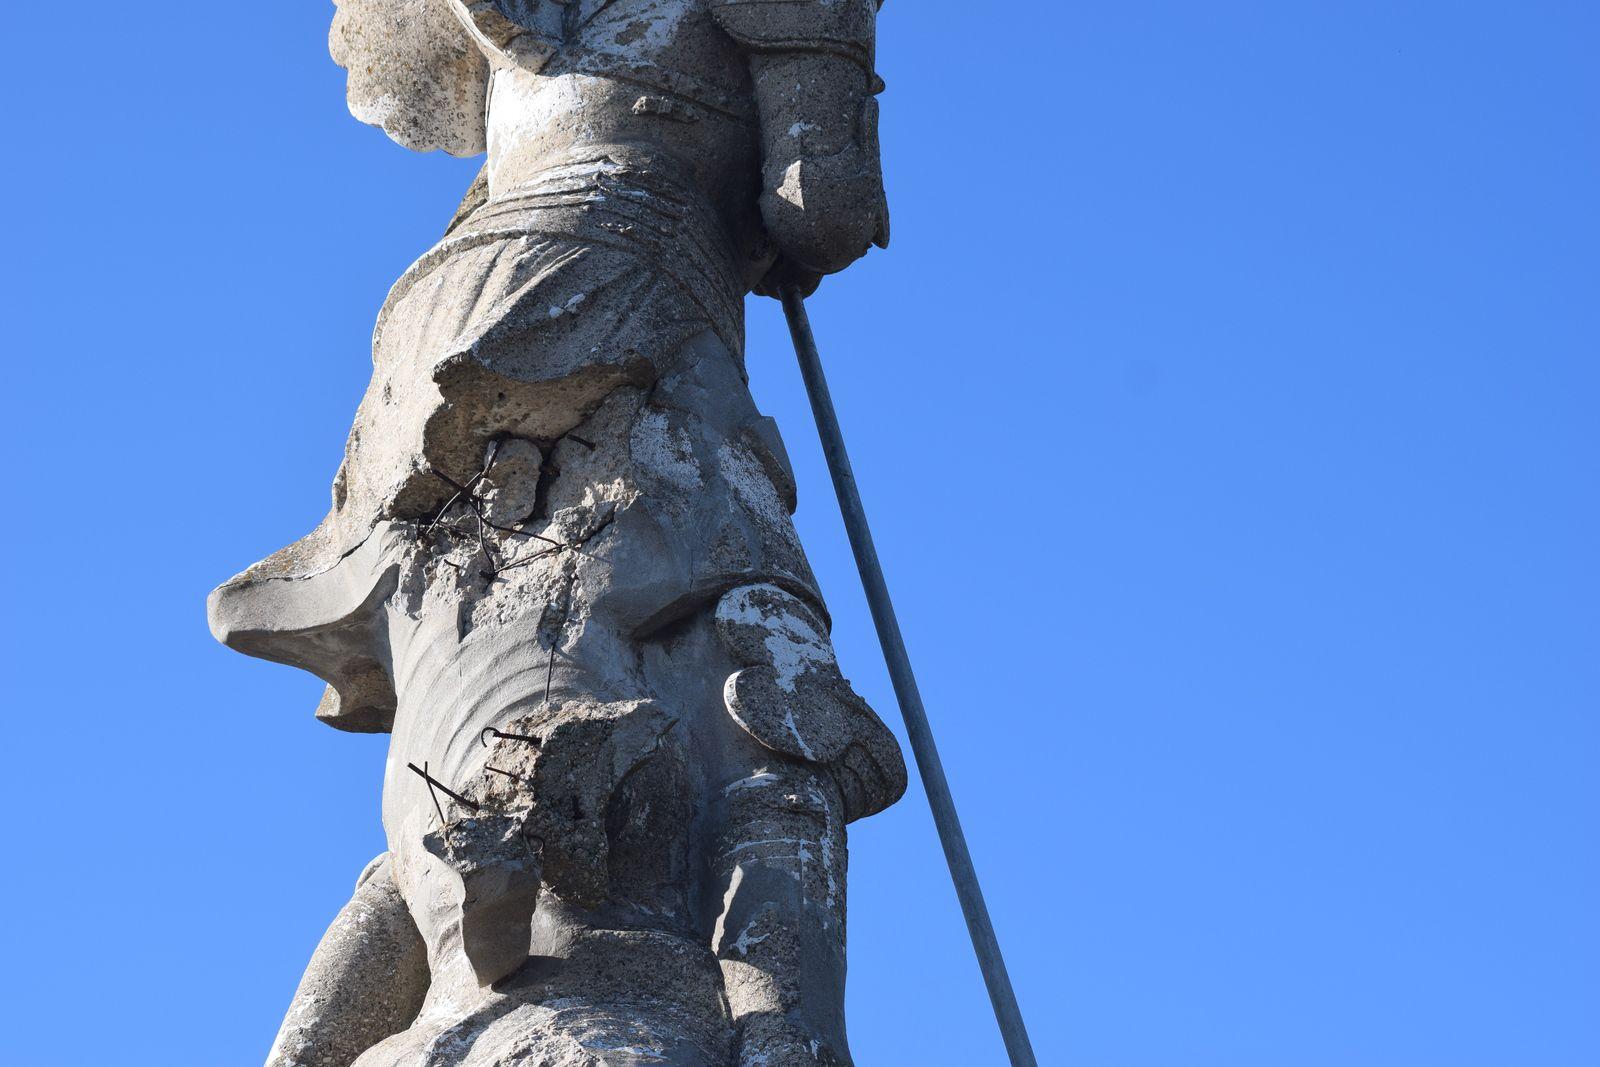 La statue Saint-Michel d'une hauteur de 9m50 en béton armé est très dégradé, les fers à bétons sont à l'air libre,la corrosion aura raison de la statue. Les infiltrations d'eau, le gel, la rouille, si rien n'est fait je ne lui donne plus longtempsà rester debout en espérant qu'il n'y ai personne ici le jour de la chute..